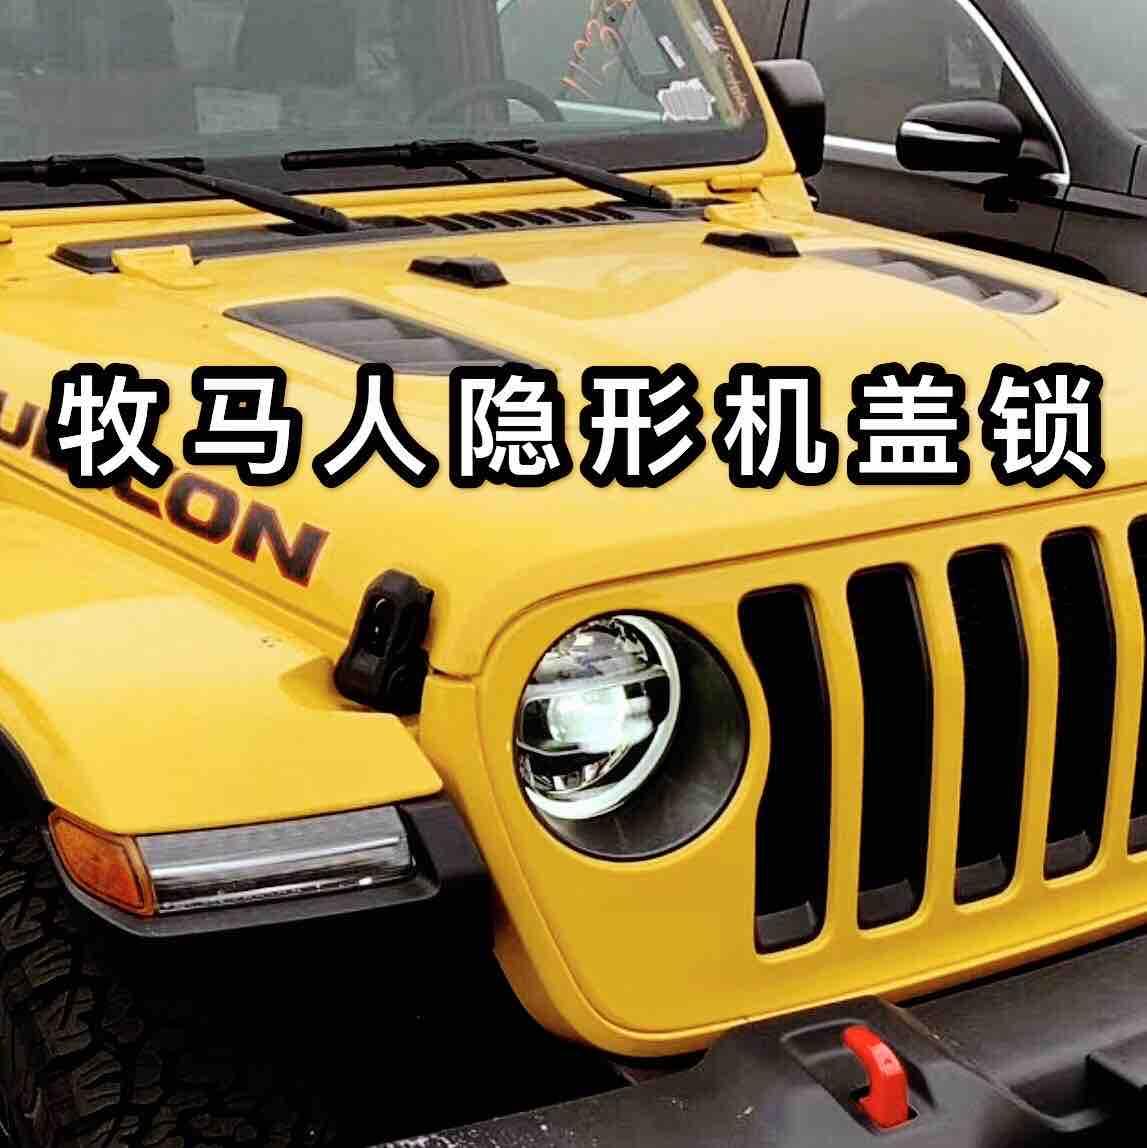 jeep指南者和自由贸易区